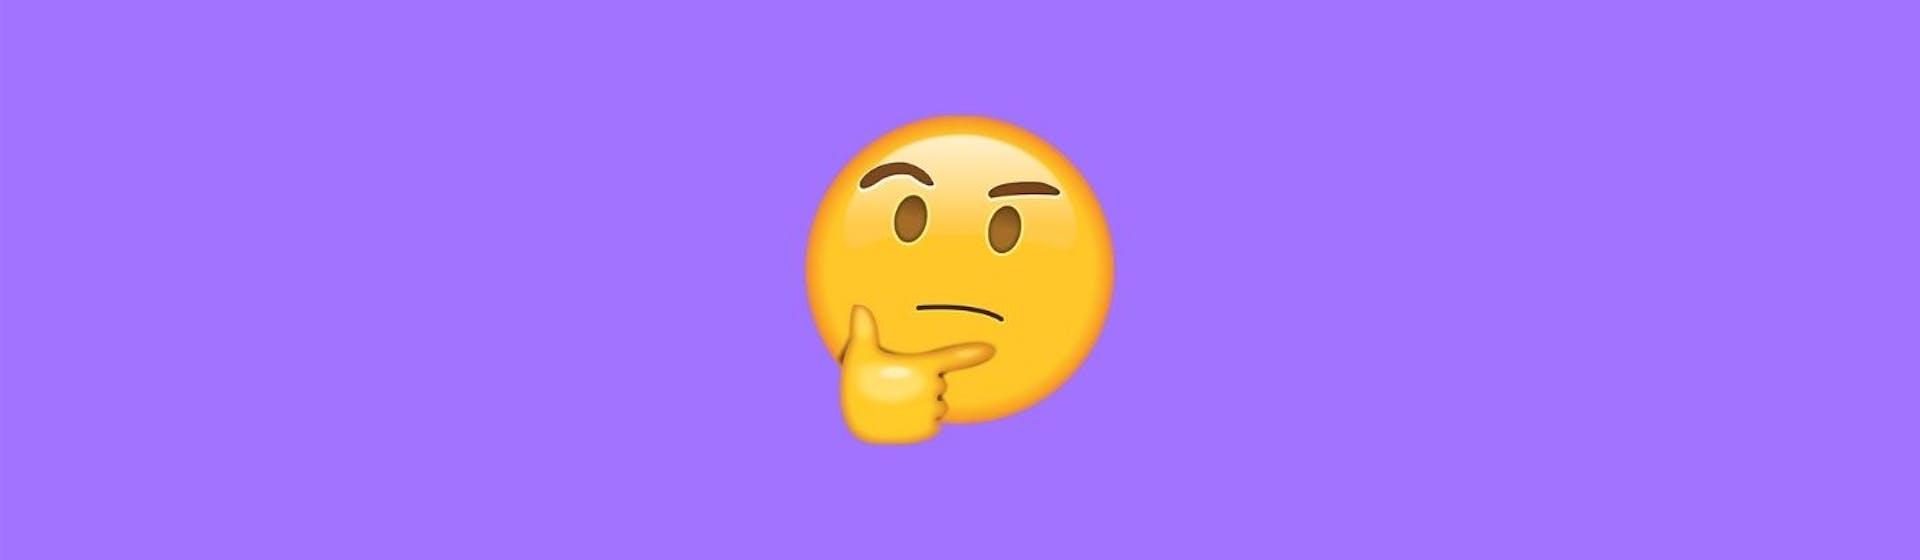 ¿Cuánto falta para los emojis verdaderamente inclusivos? Un informe de Adobe